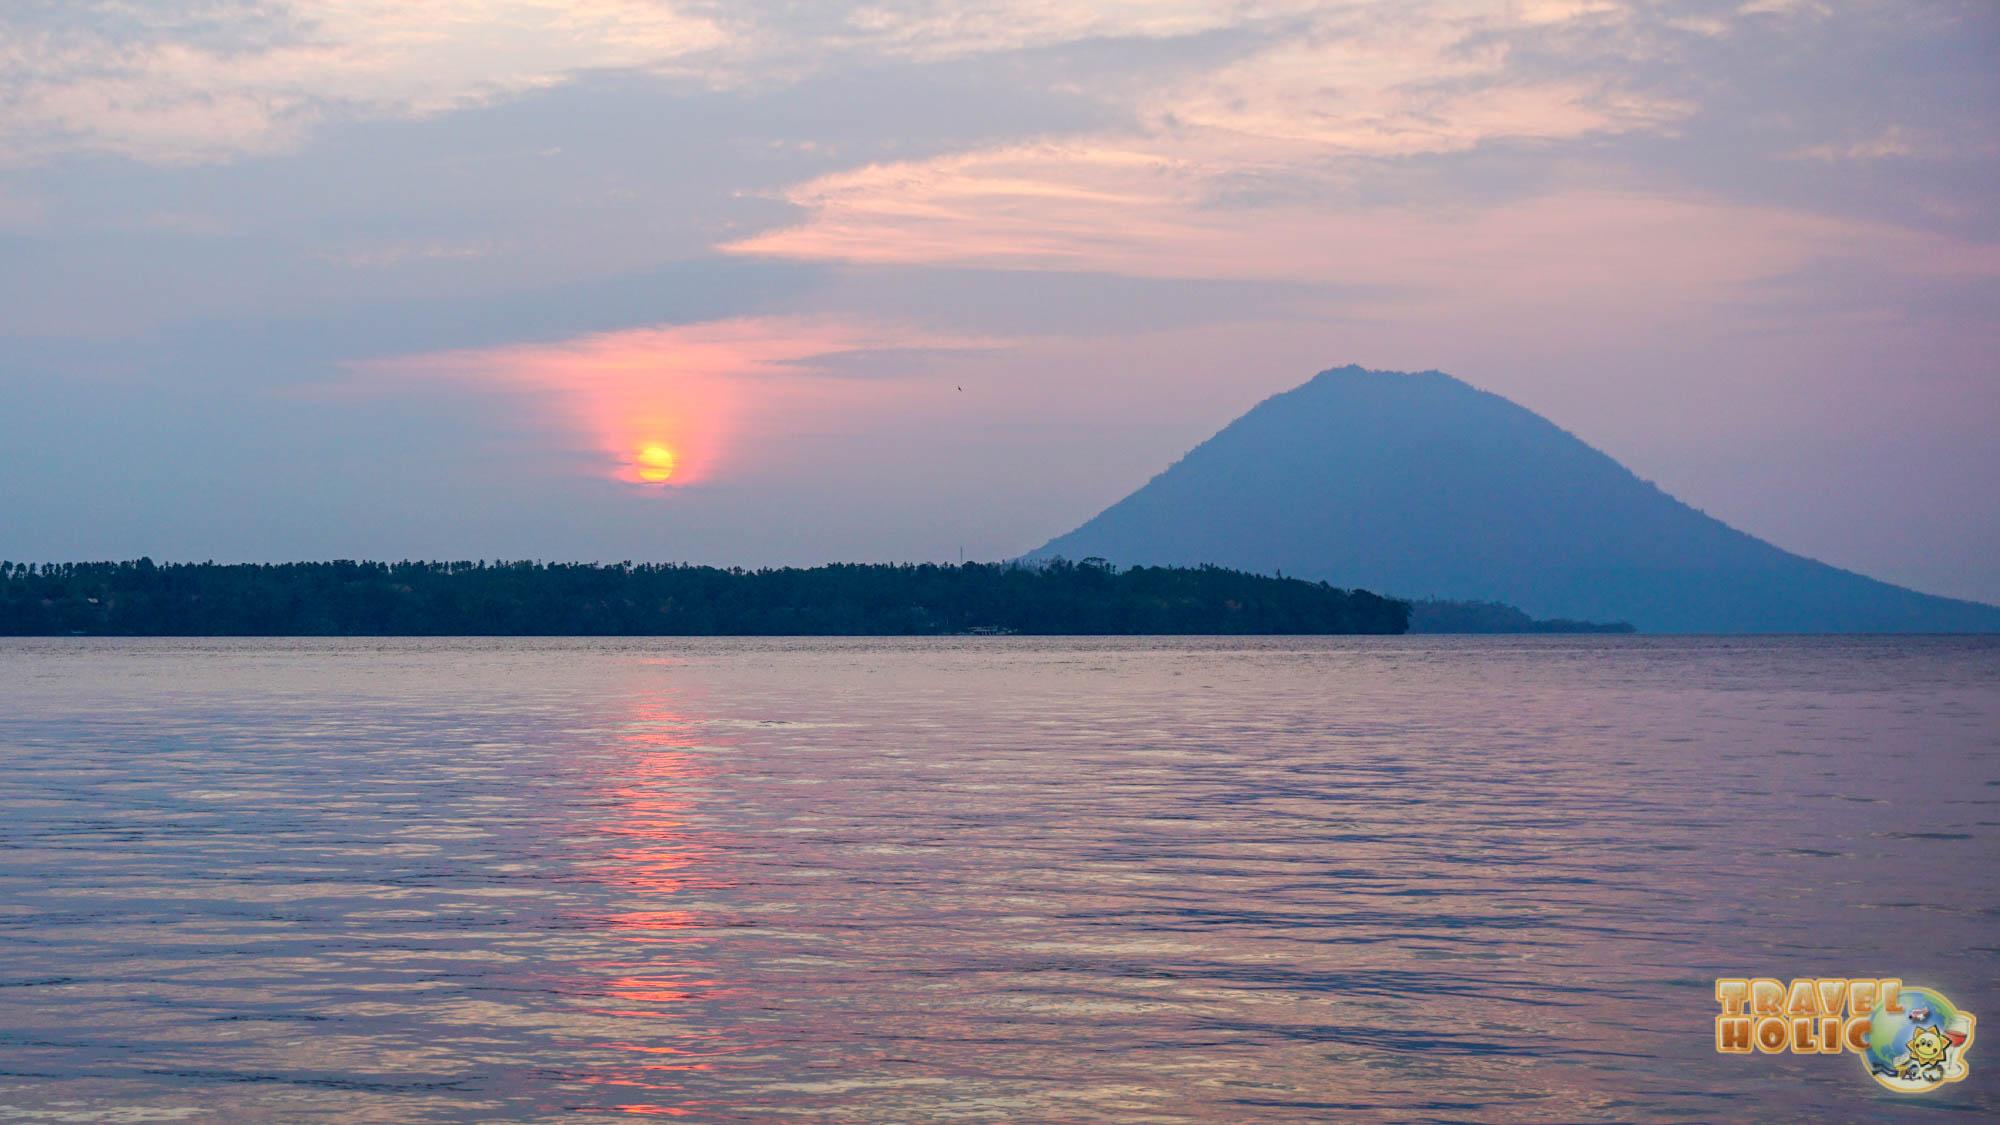 Le Manado Sua, volcan sur l'île de Bunaken